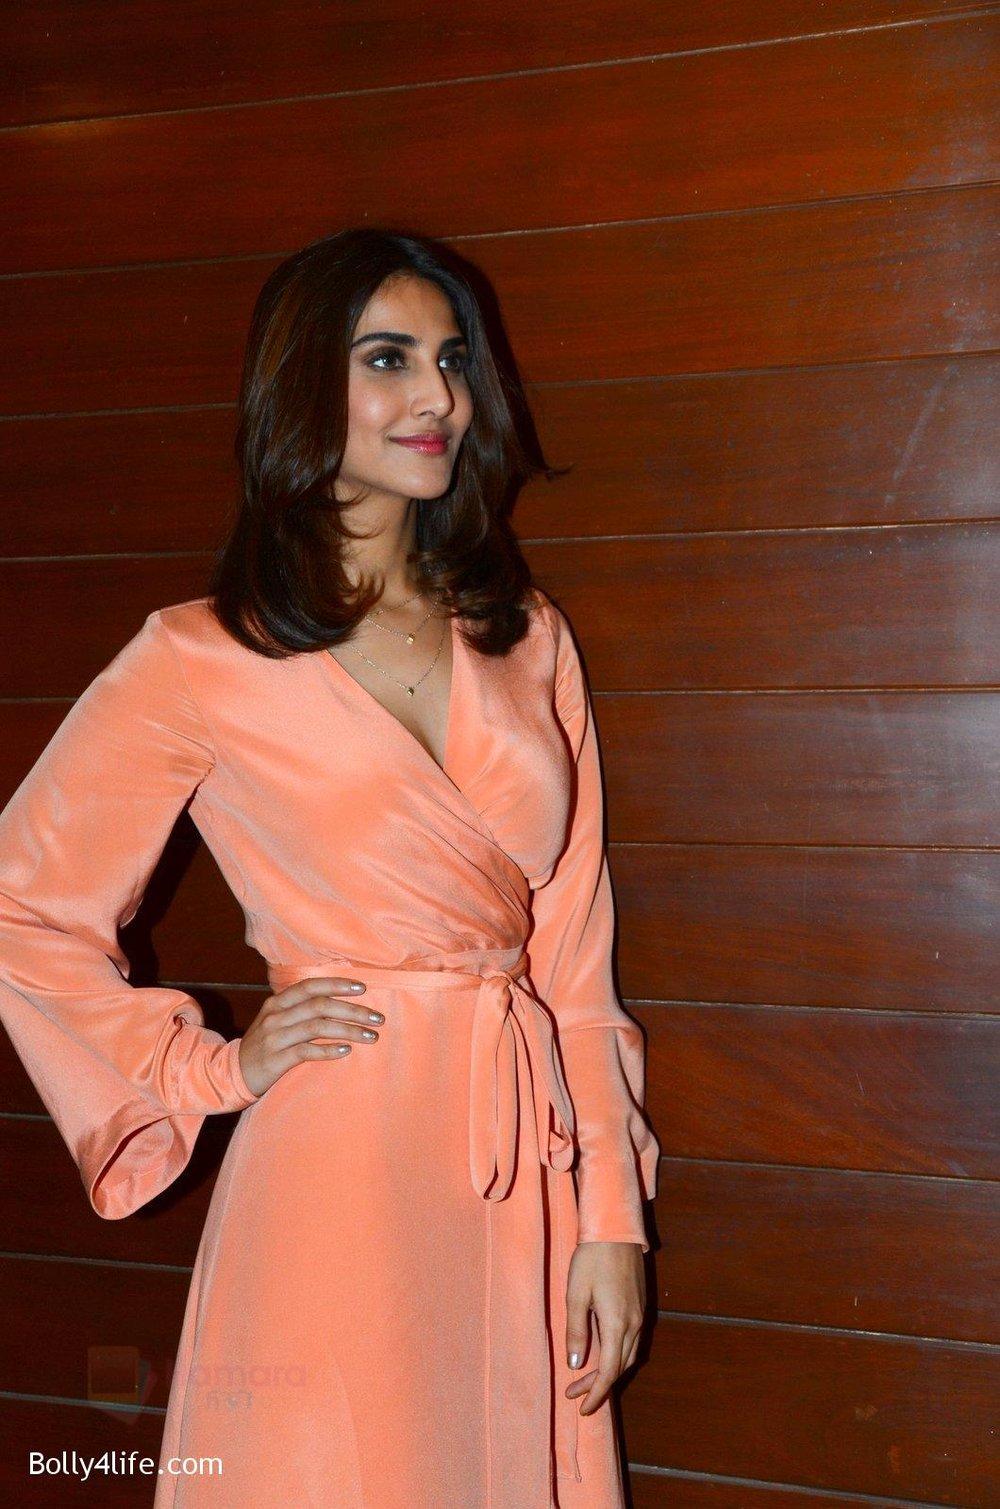 Vaani-Kapoor-Ranveer-Singh-at-Befikre-promotions-in-Mumbai-4.jpg